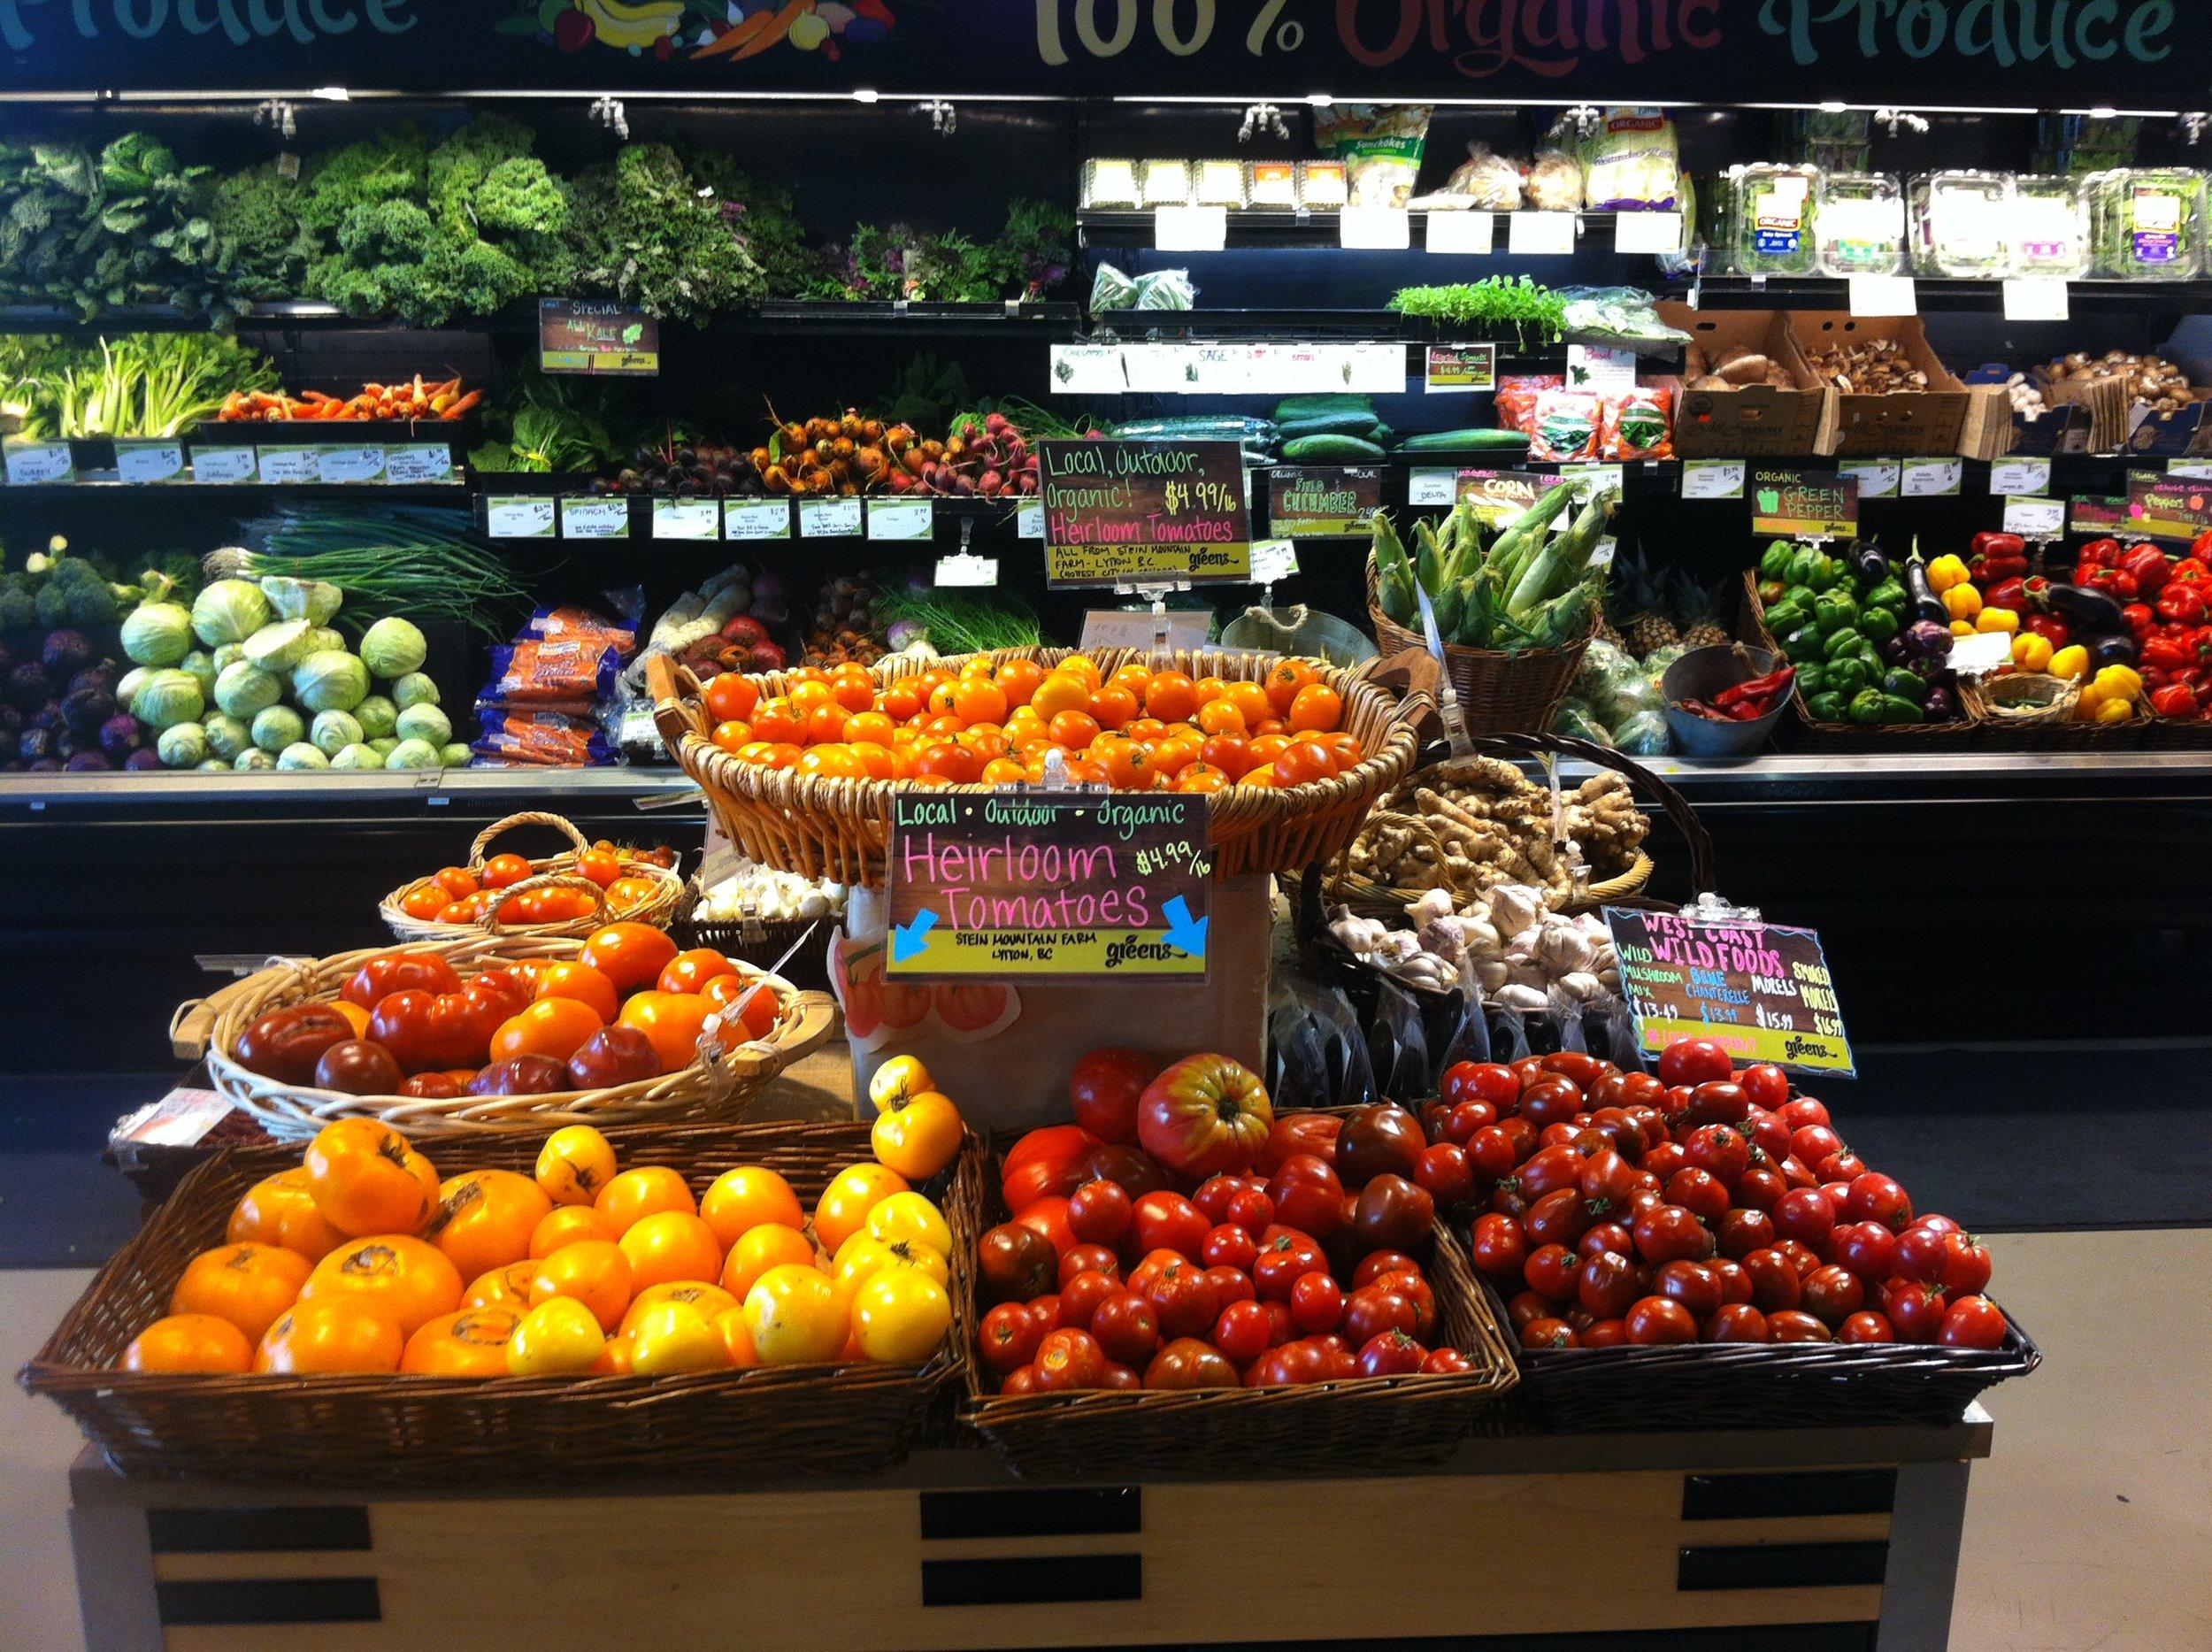 Greens Organic and Natural Market.